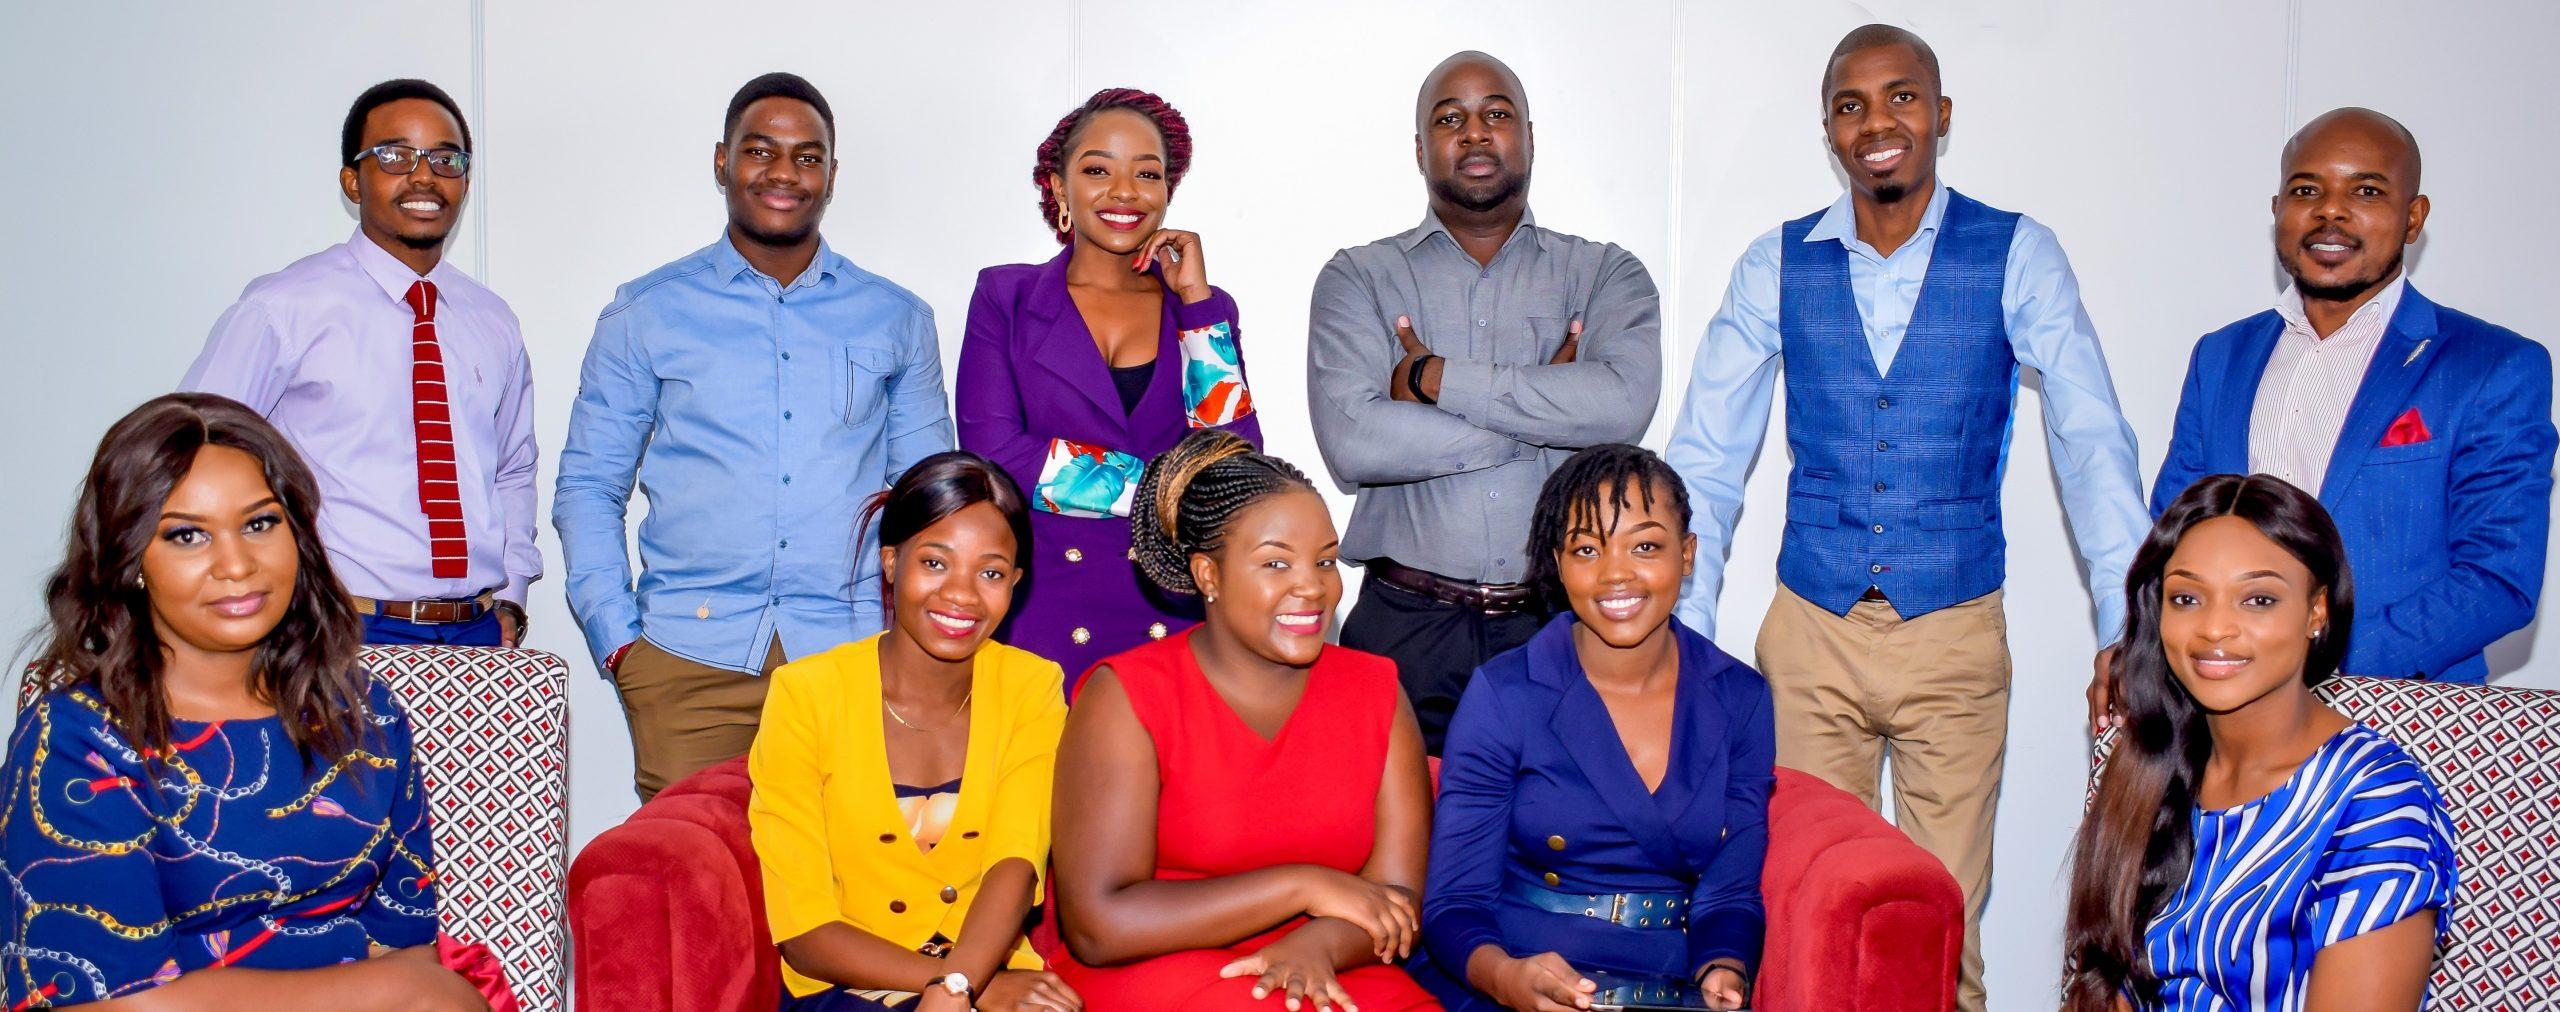 Tech24 Group Team